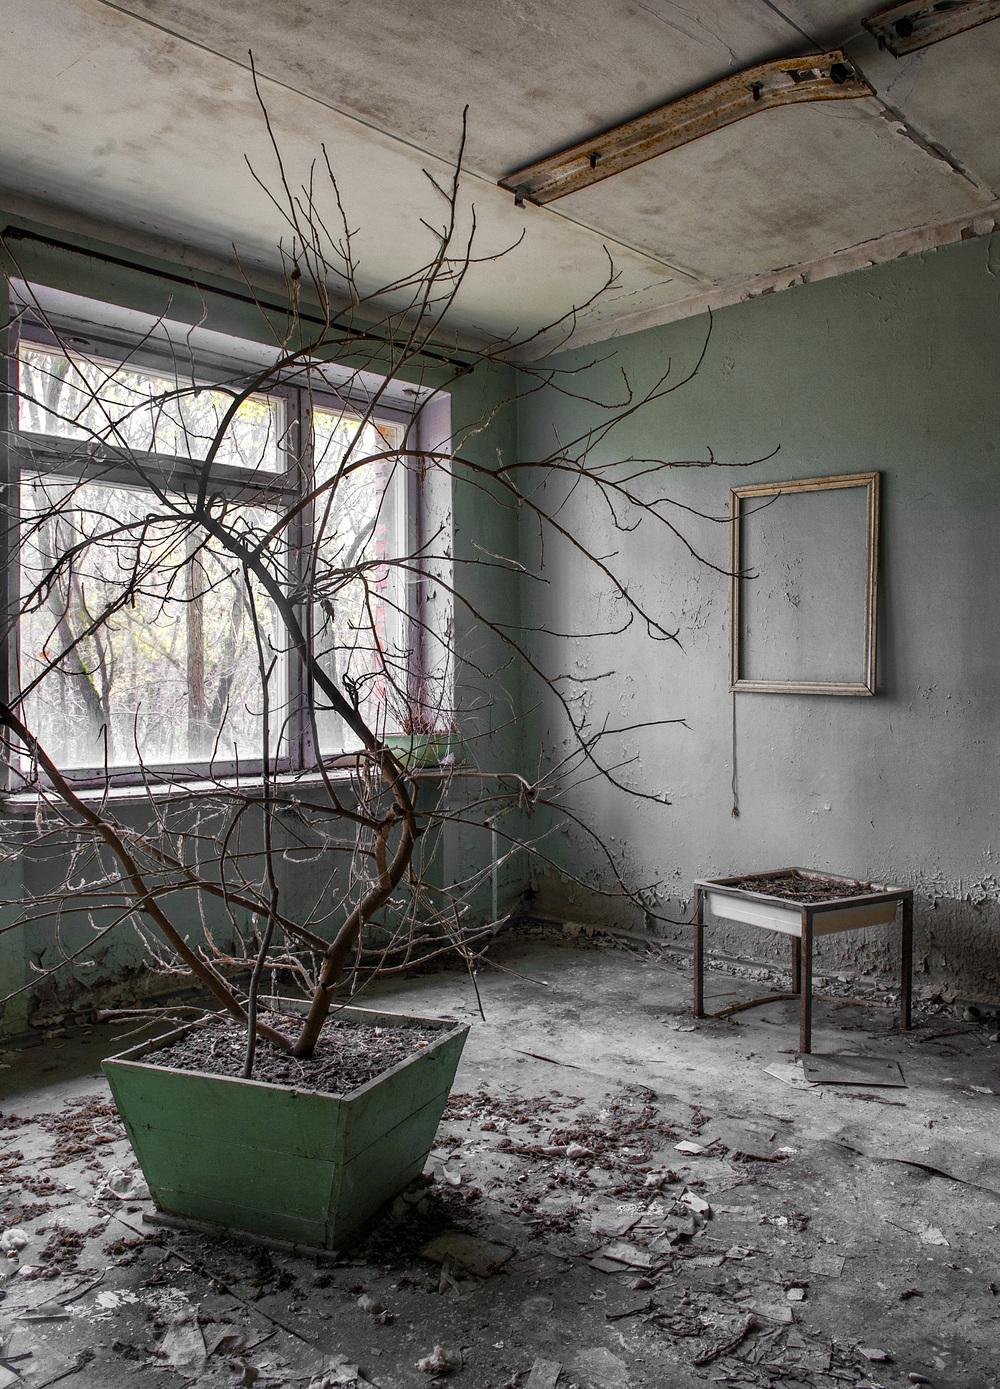 Chernobyl211.jpg